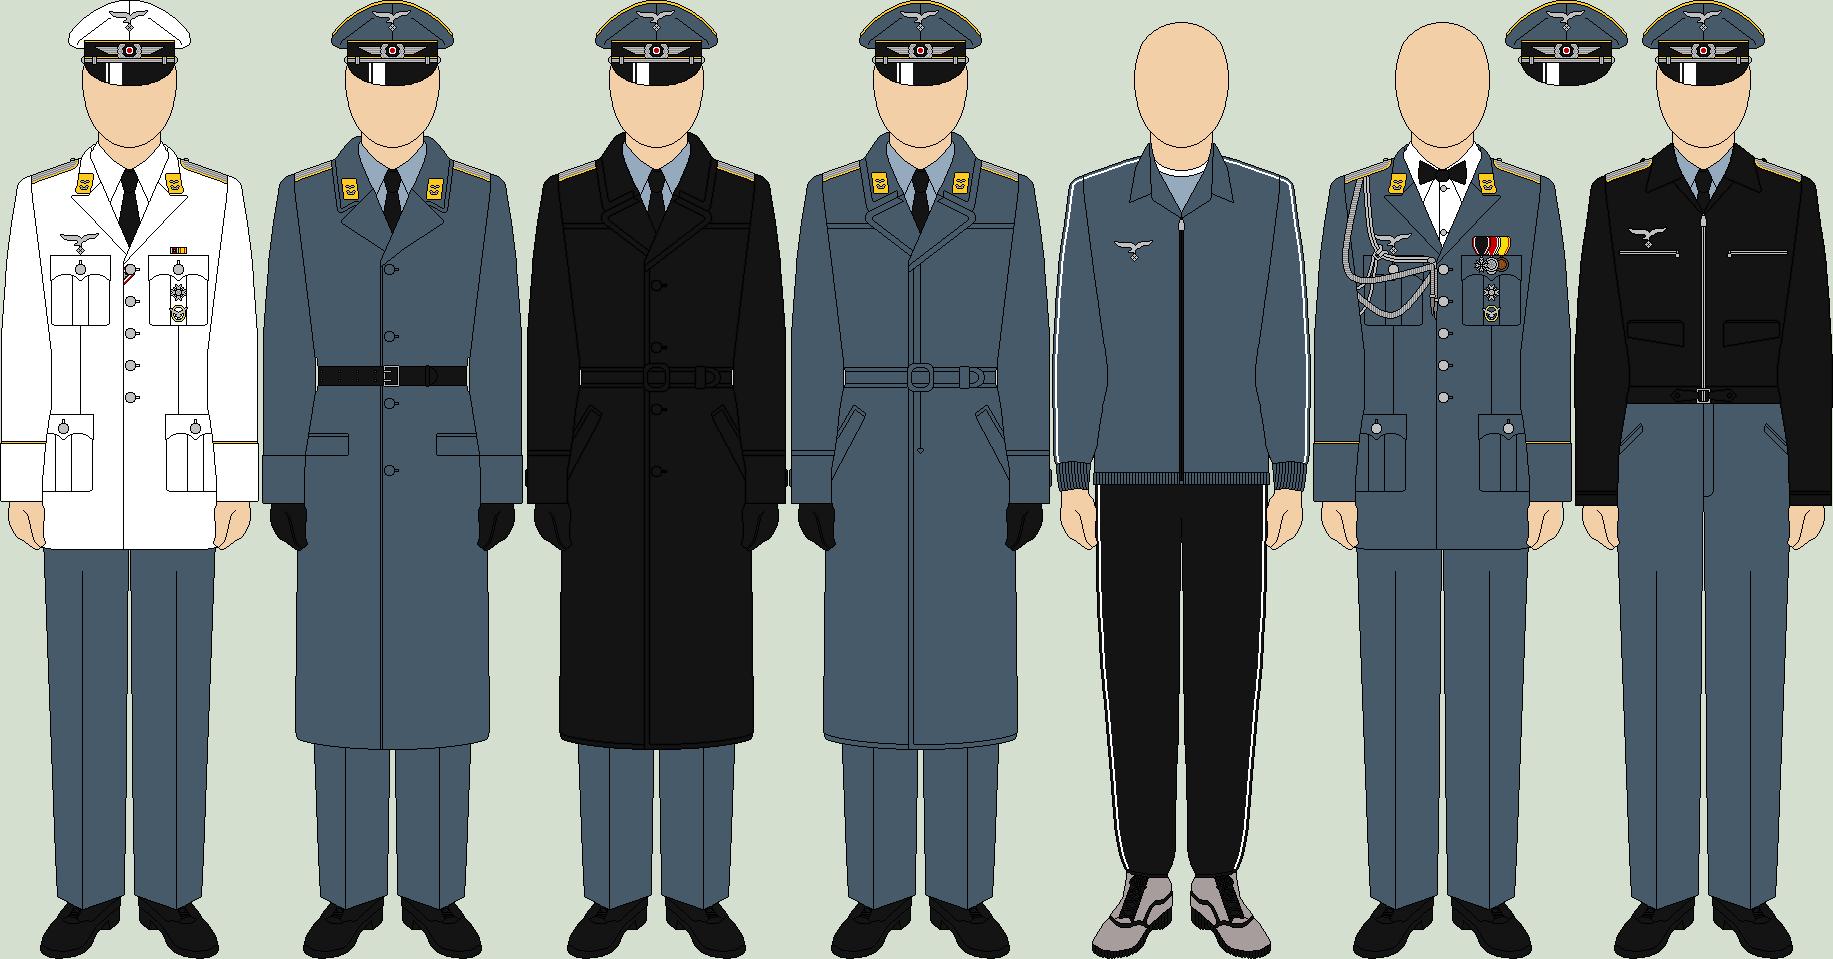 Die Luftwaffe, undress uniforms  by TheFalconette deviantart